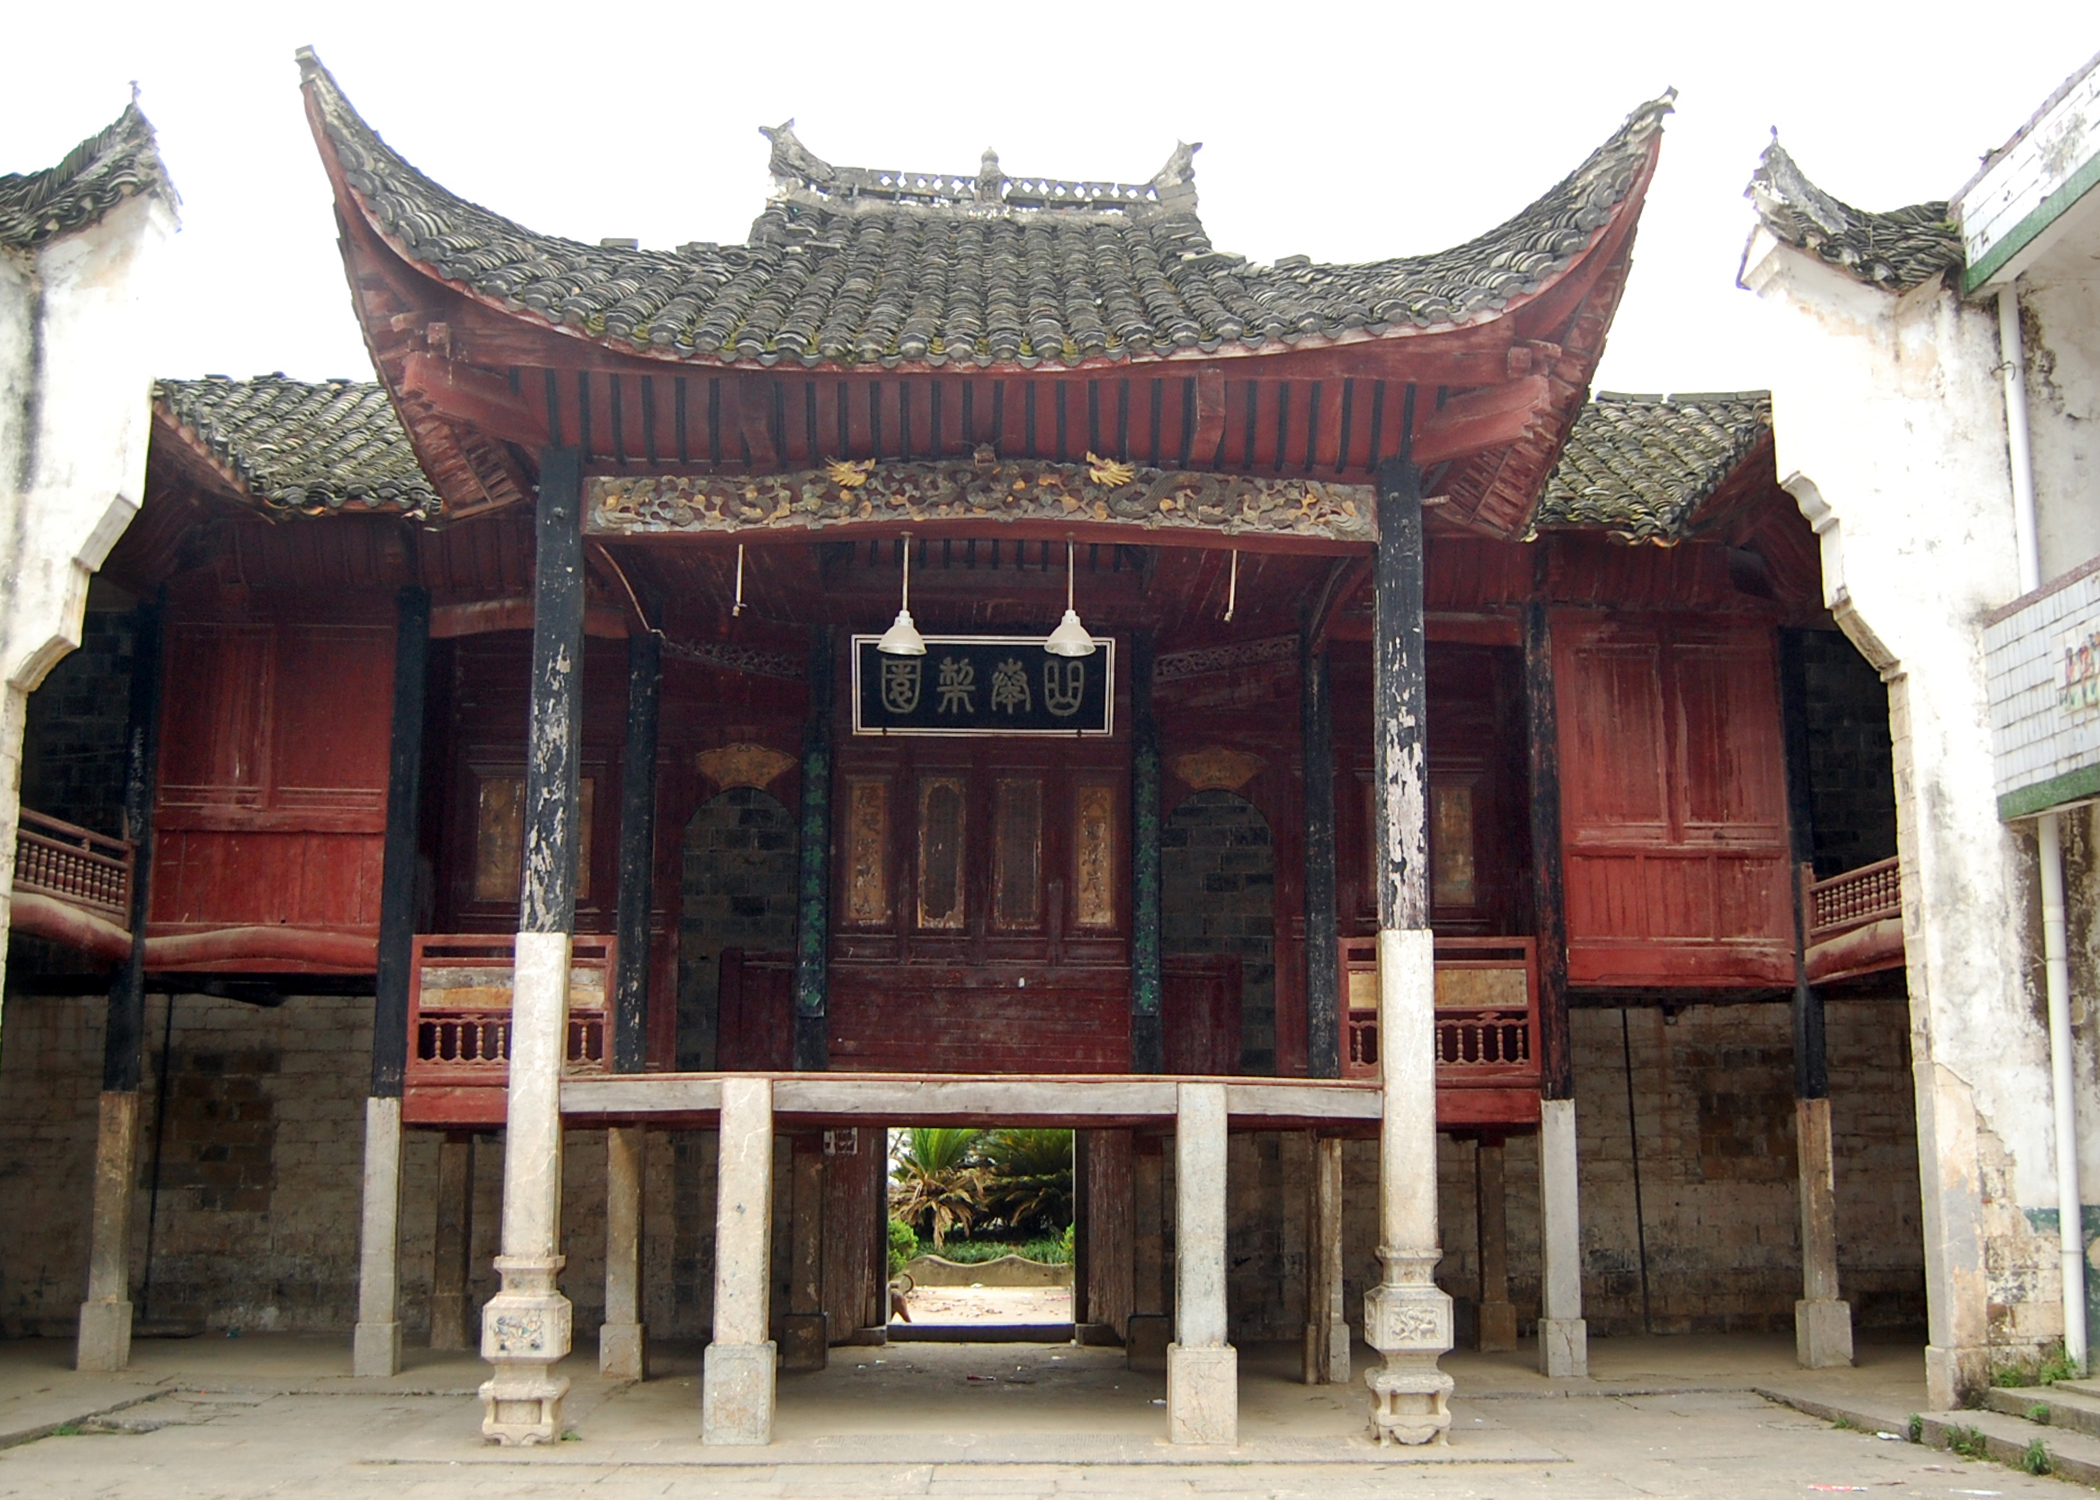 小径别墅--阳新县浮屠镇玉堍村传统预定村落惠州湾图片